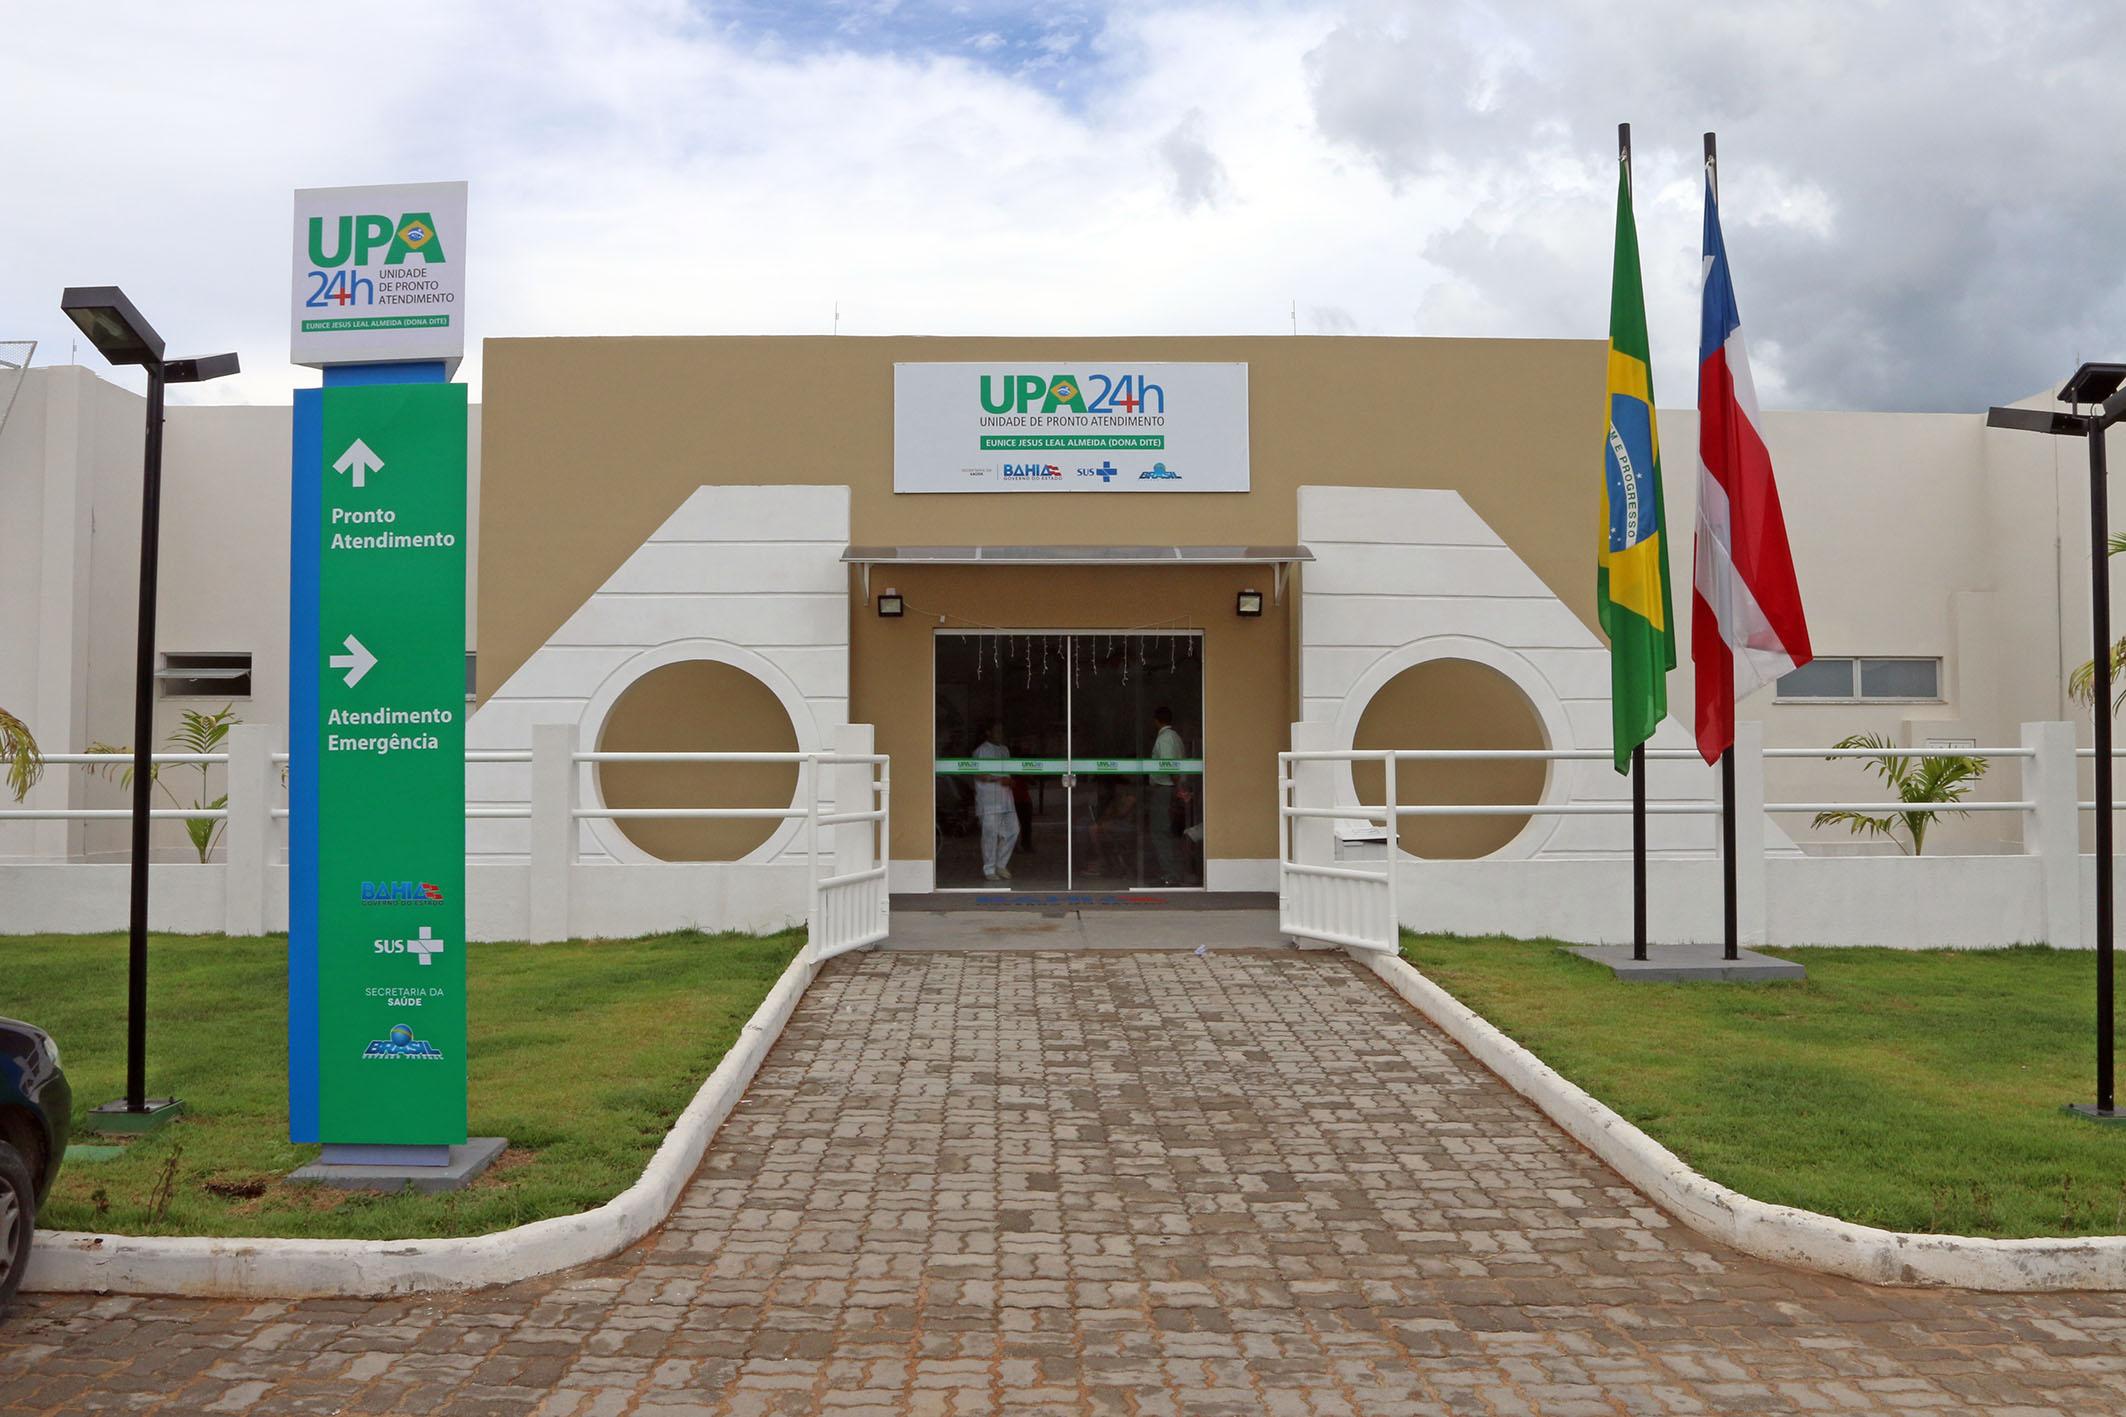 UPA de Jequié promove cuidado médico de colaboradores em ação Cuidando de quem Cuida